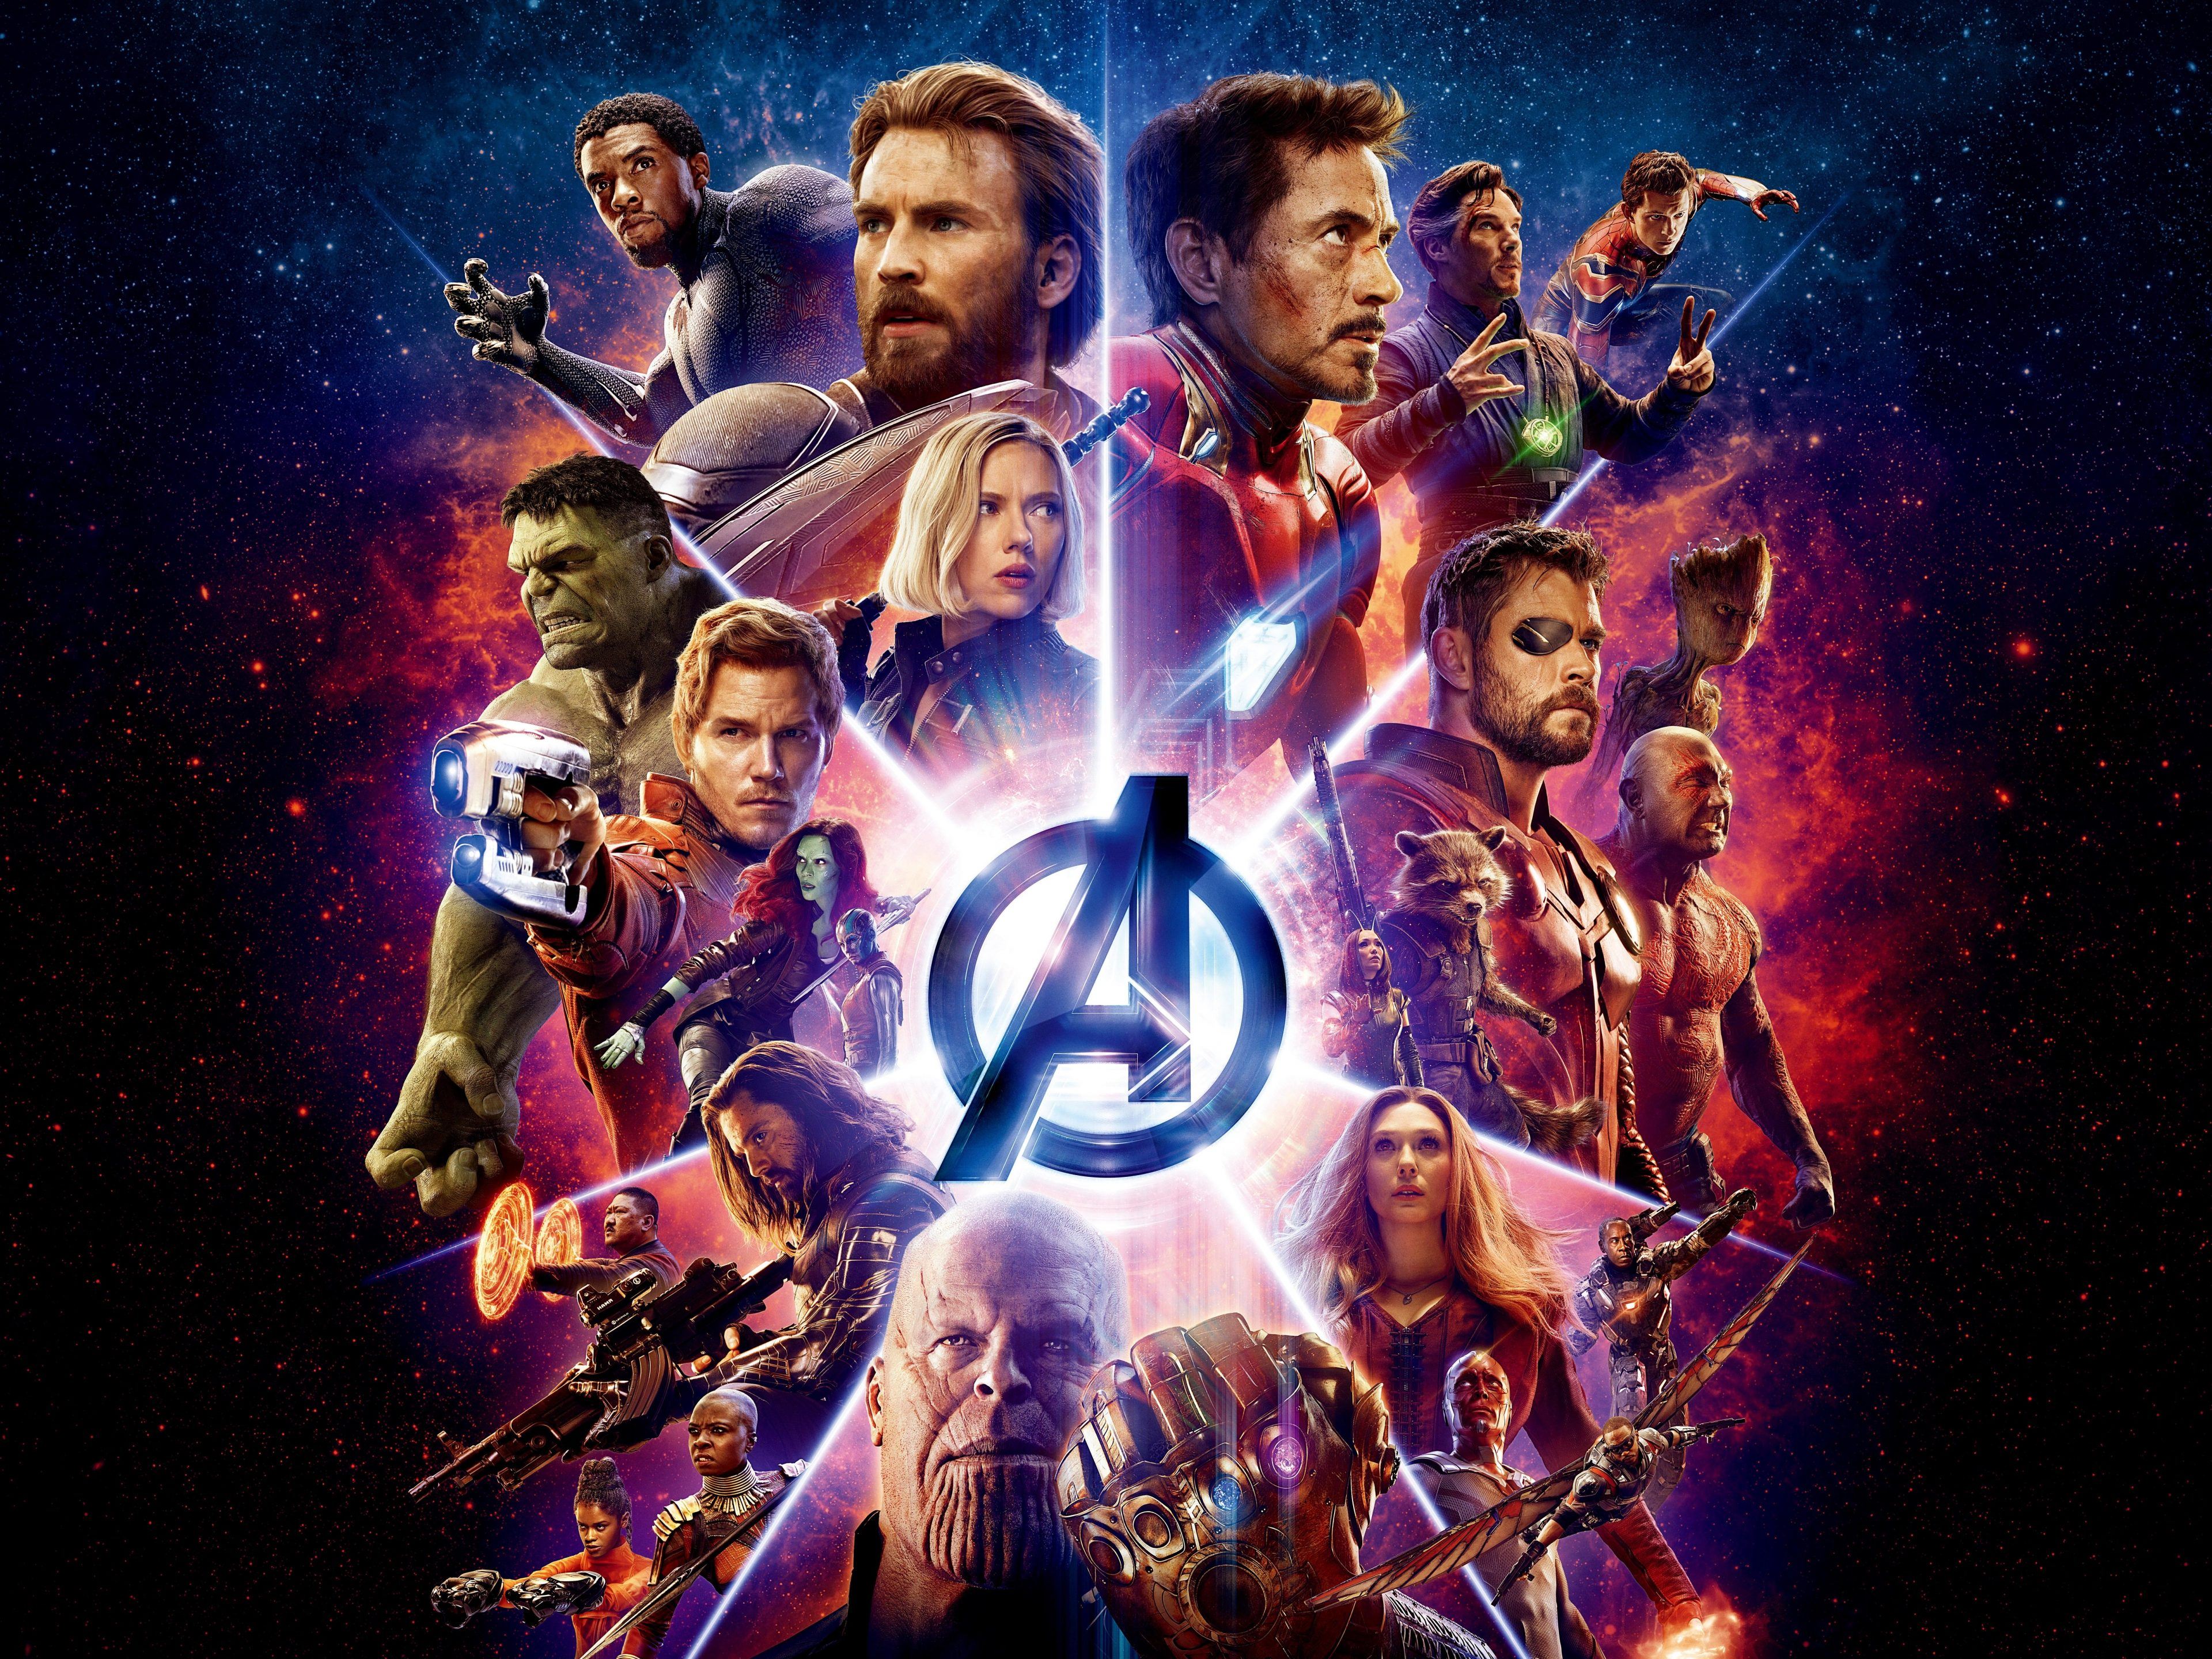 Avengers Infinity War 2018 Thanos 4k Uhd 3 2 3840x2560: Avengers: Infinity War (2018) 8K Ultra HD 7680x4800 Wallpaper